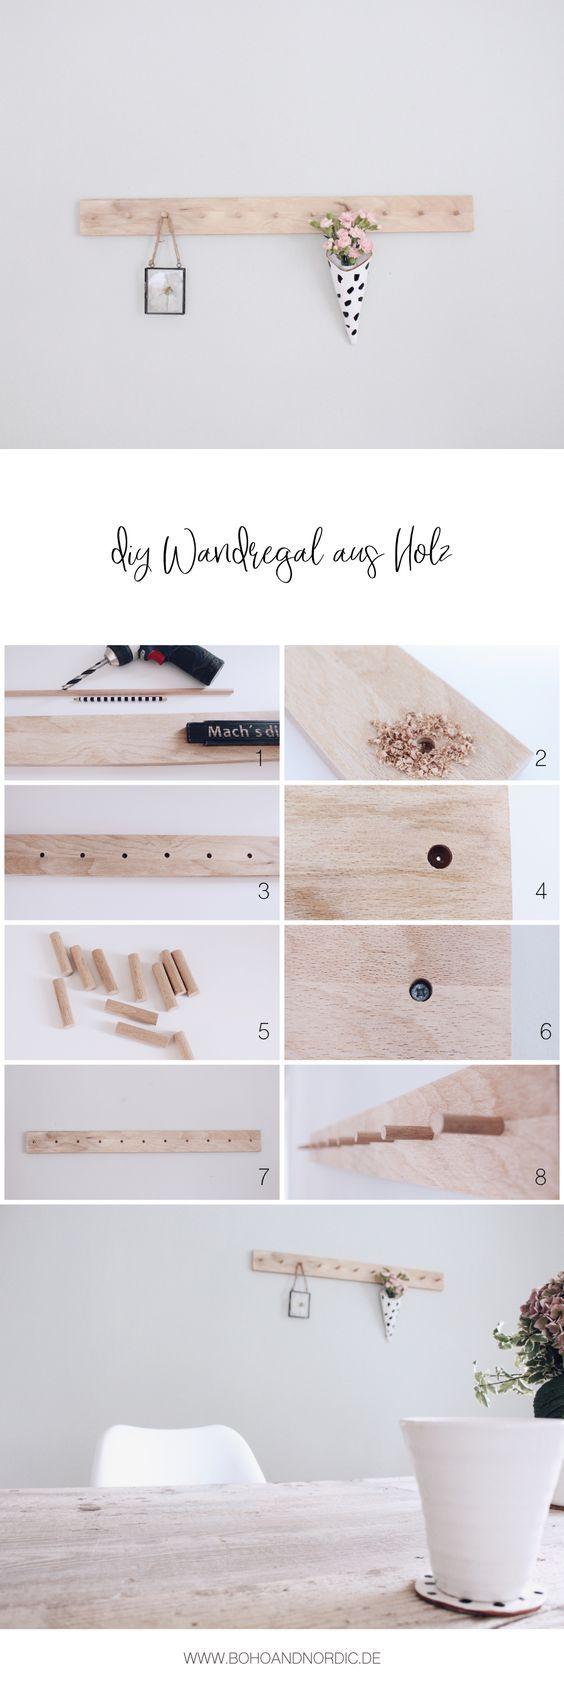 DIY Regal - Wandregal aus Holz selber machen - DIY Wohnen - Möbel - Deko - Wanddekoration - Bastelanleitung für ein Regal